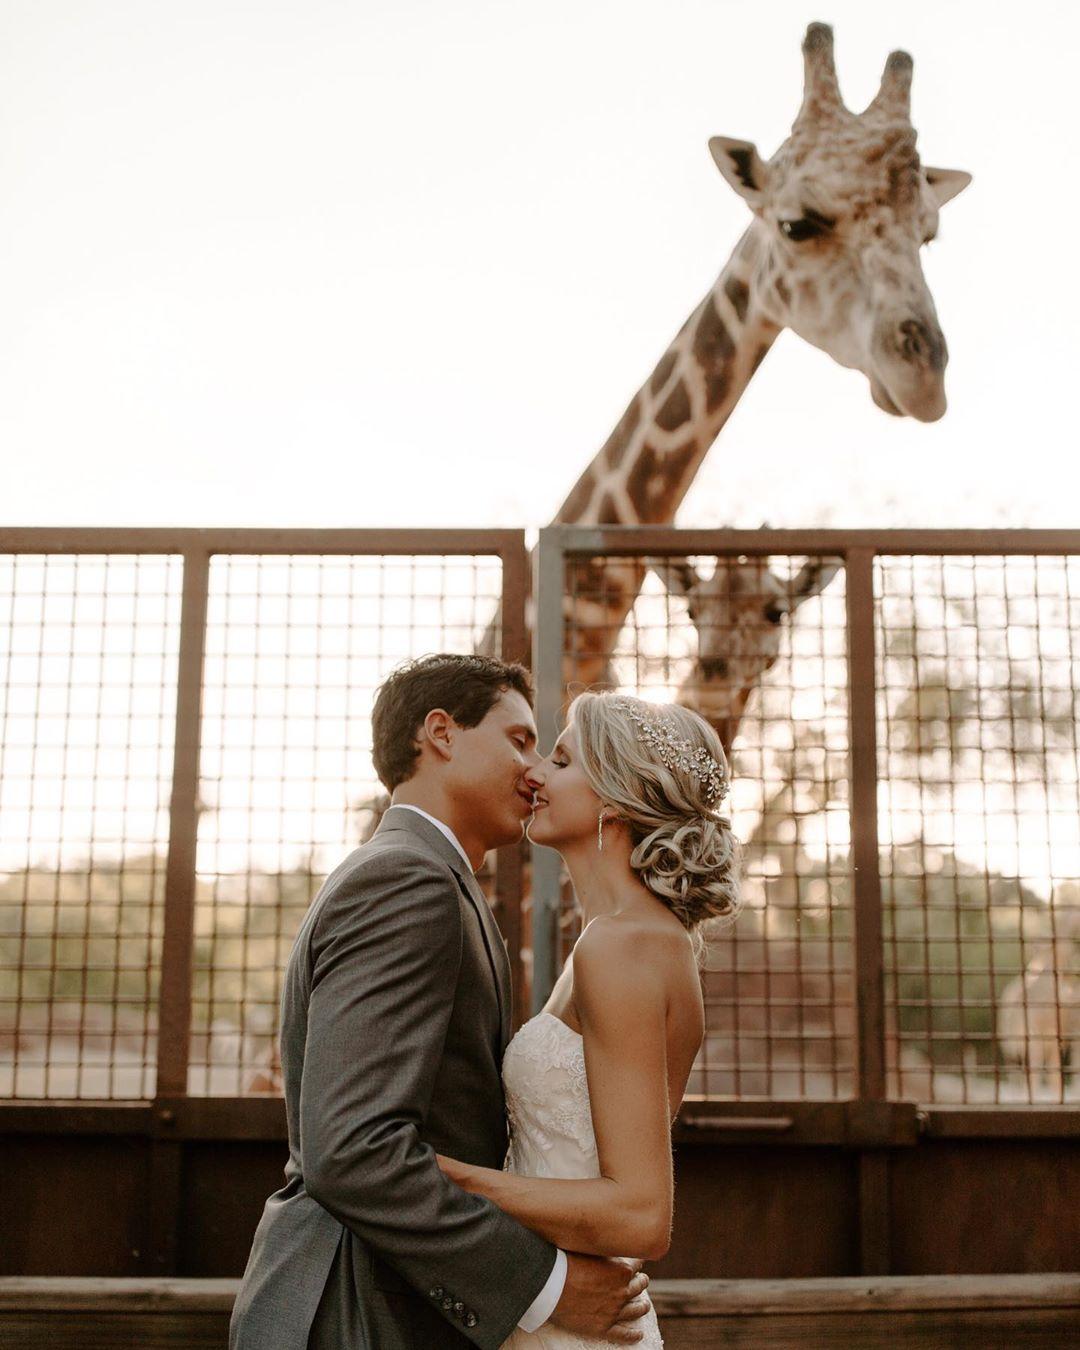 zoo wedding | unusual wedding venues